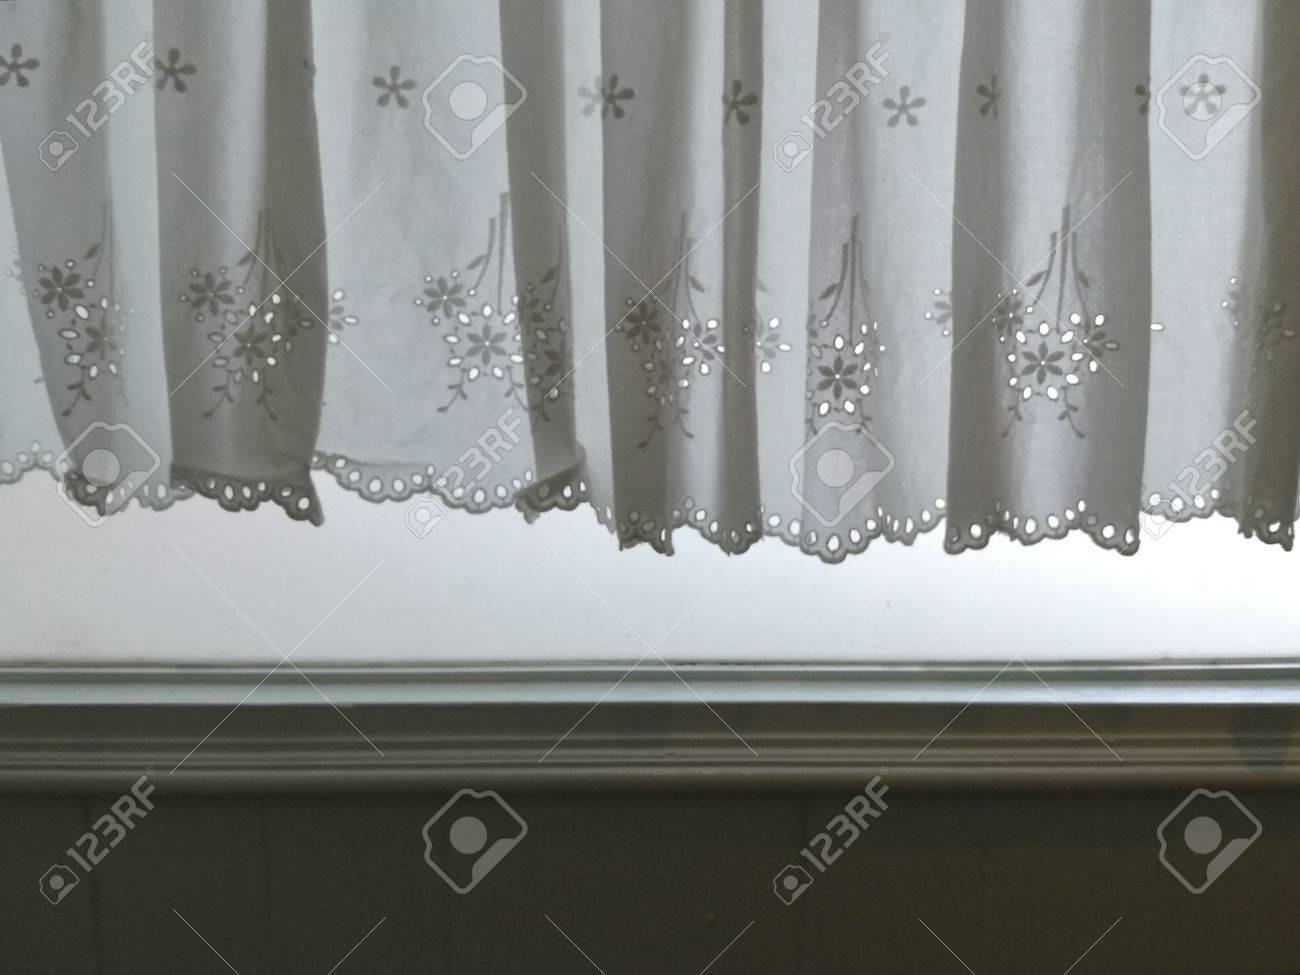 rideau de satin de dentelle blanche de silhouette accroche sur la fenetre et le mur avec la lumiere du soleil semi transparente derriere decoration